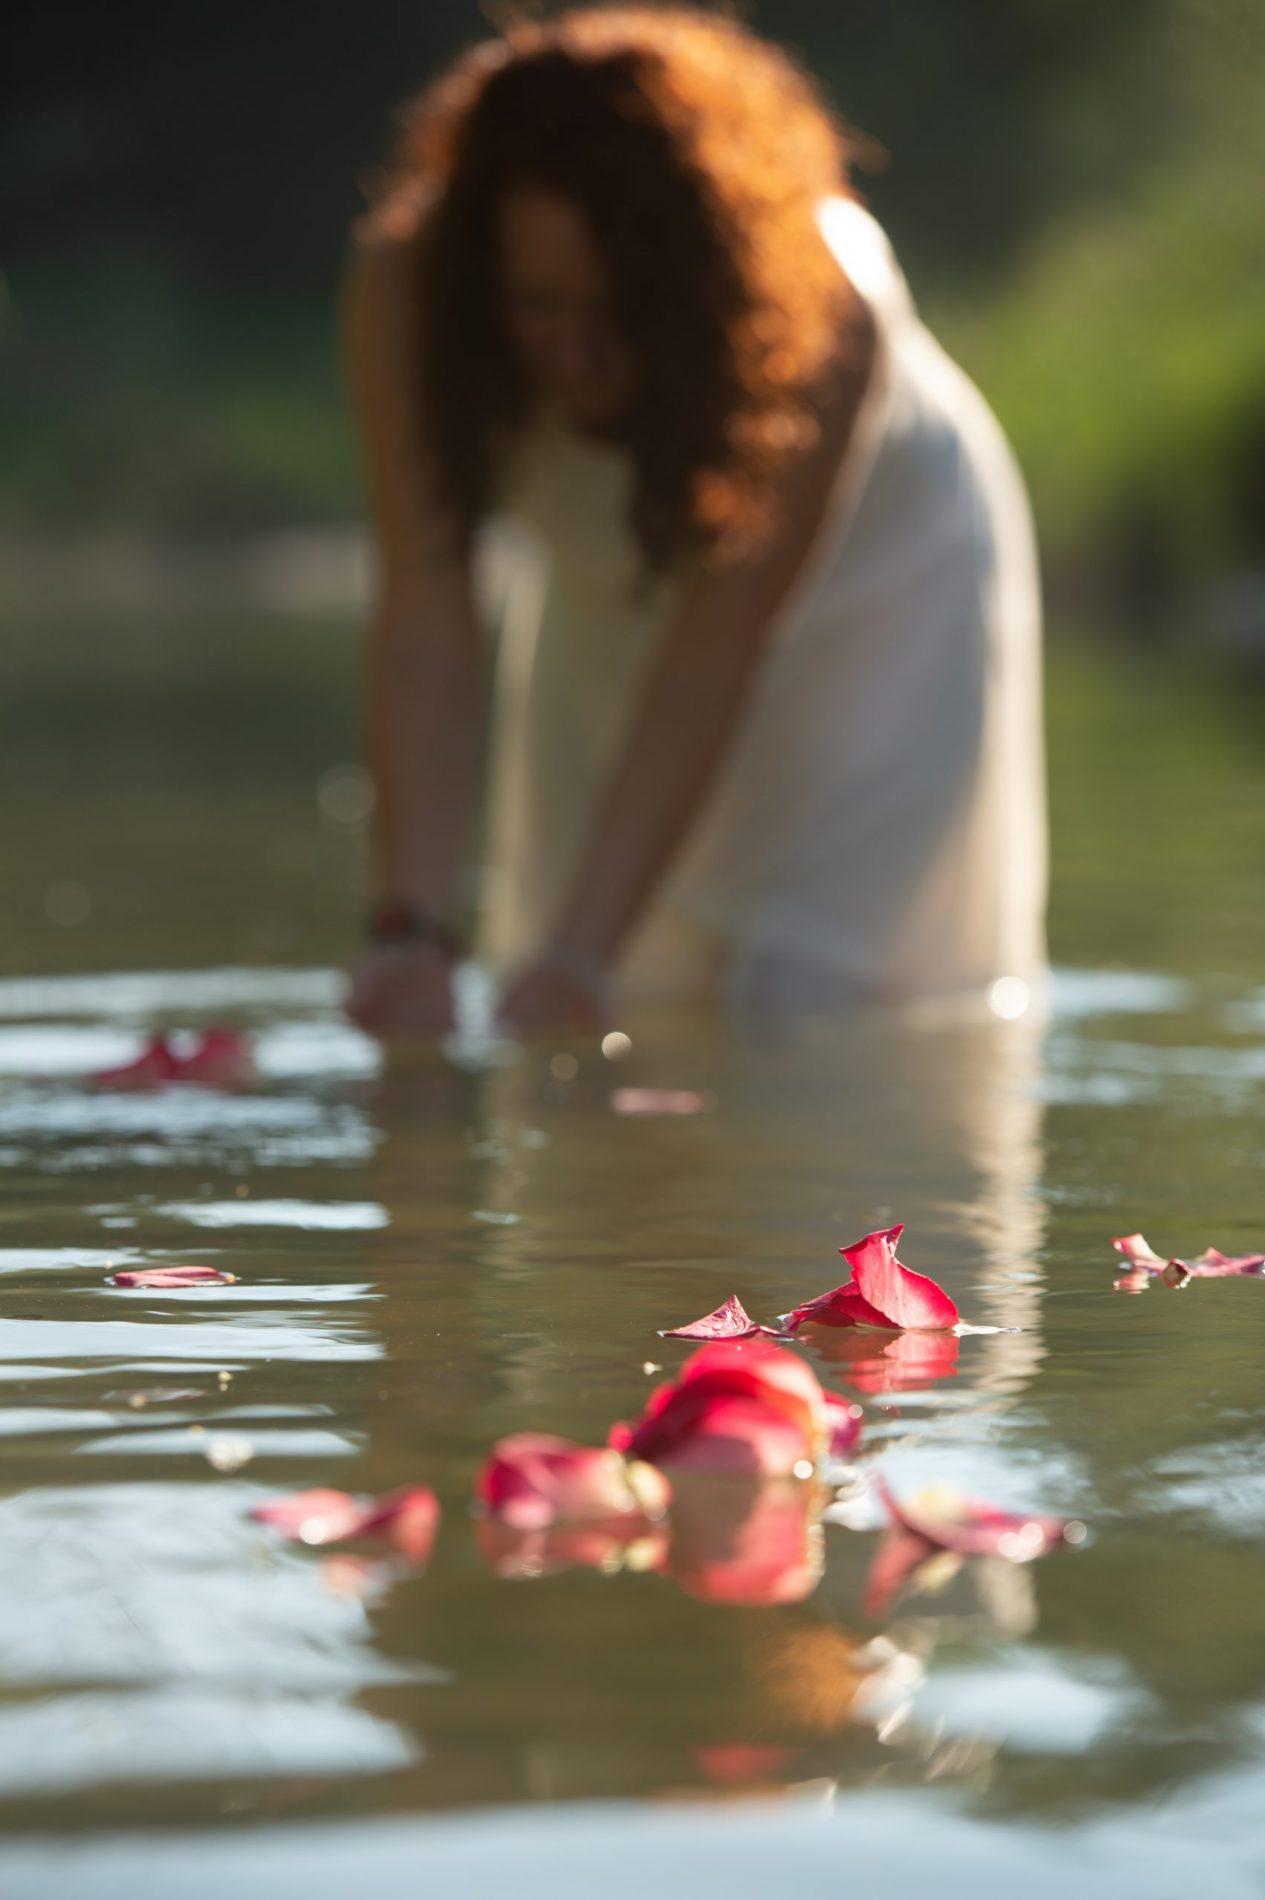 Loslassen heisst im Fluss sein